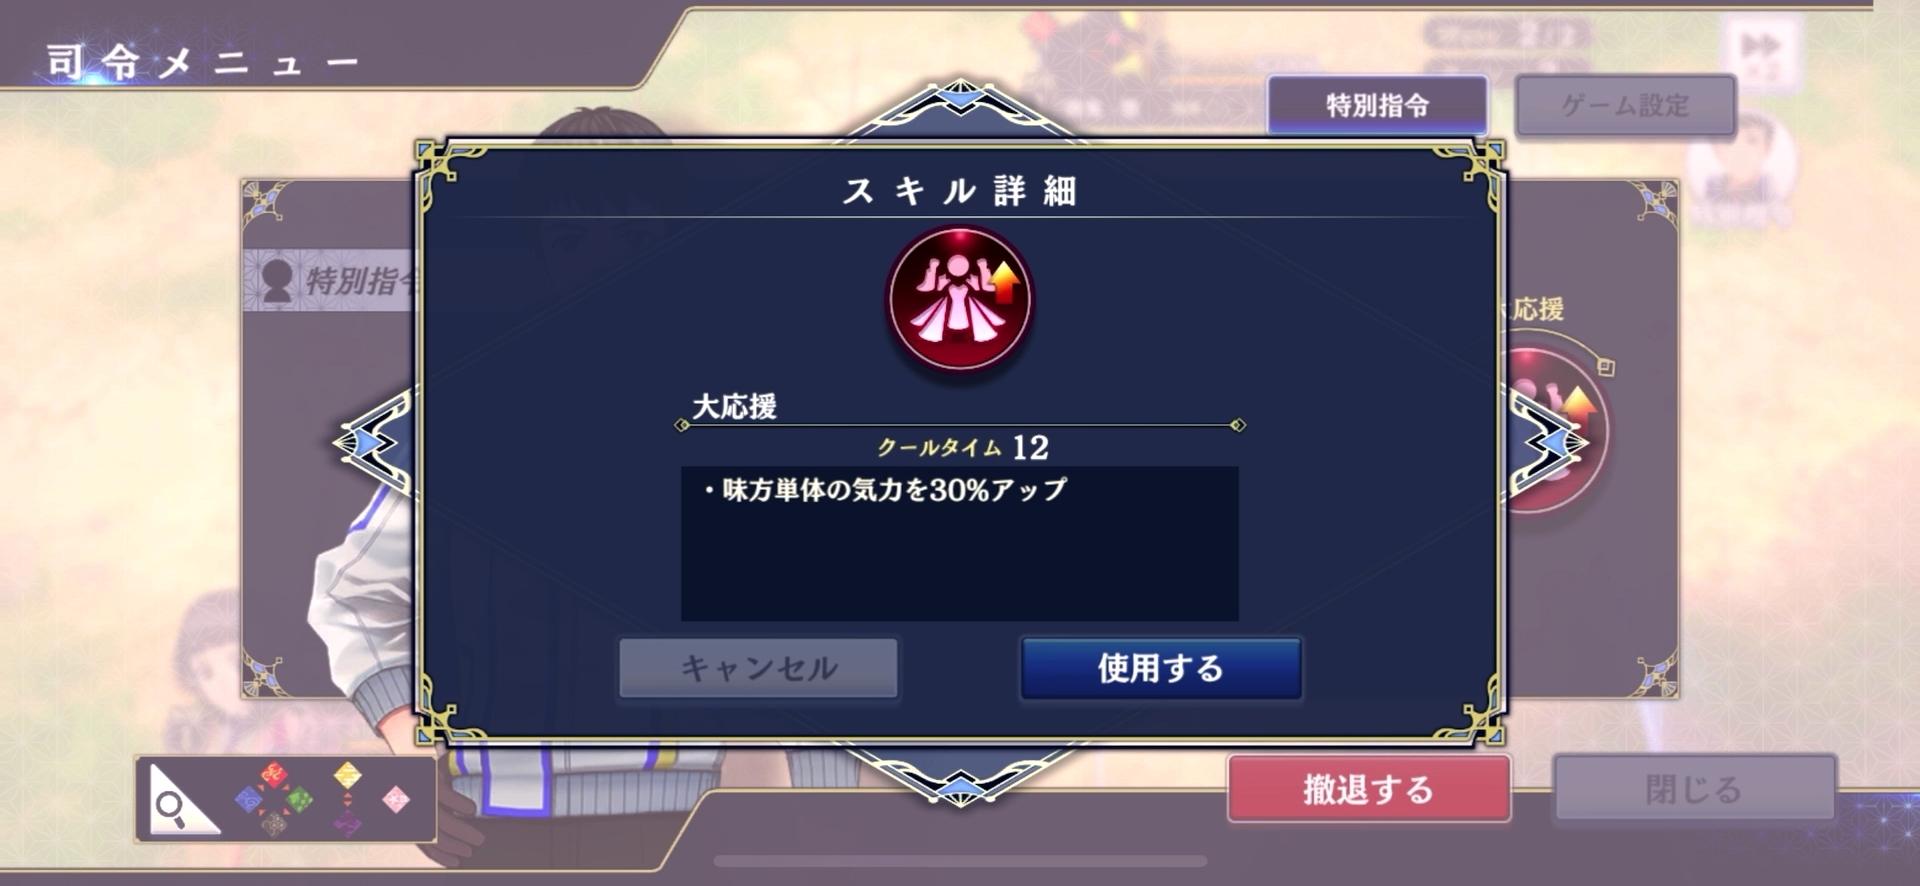 sakurakakumesud (5)